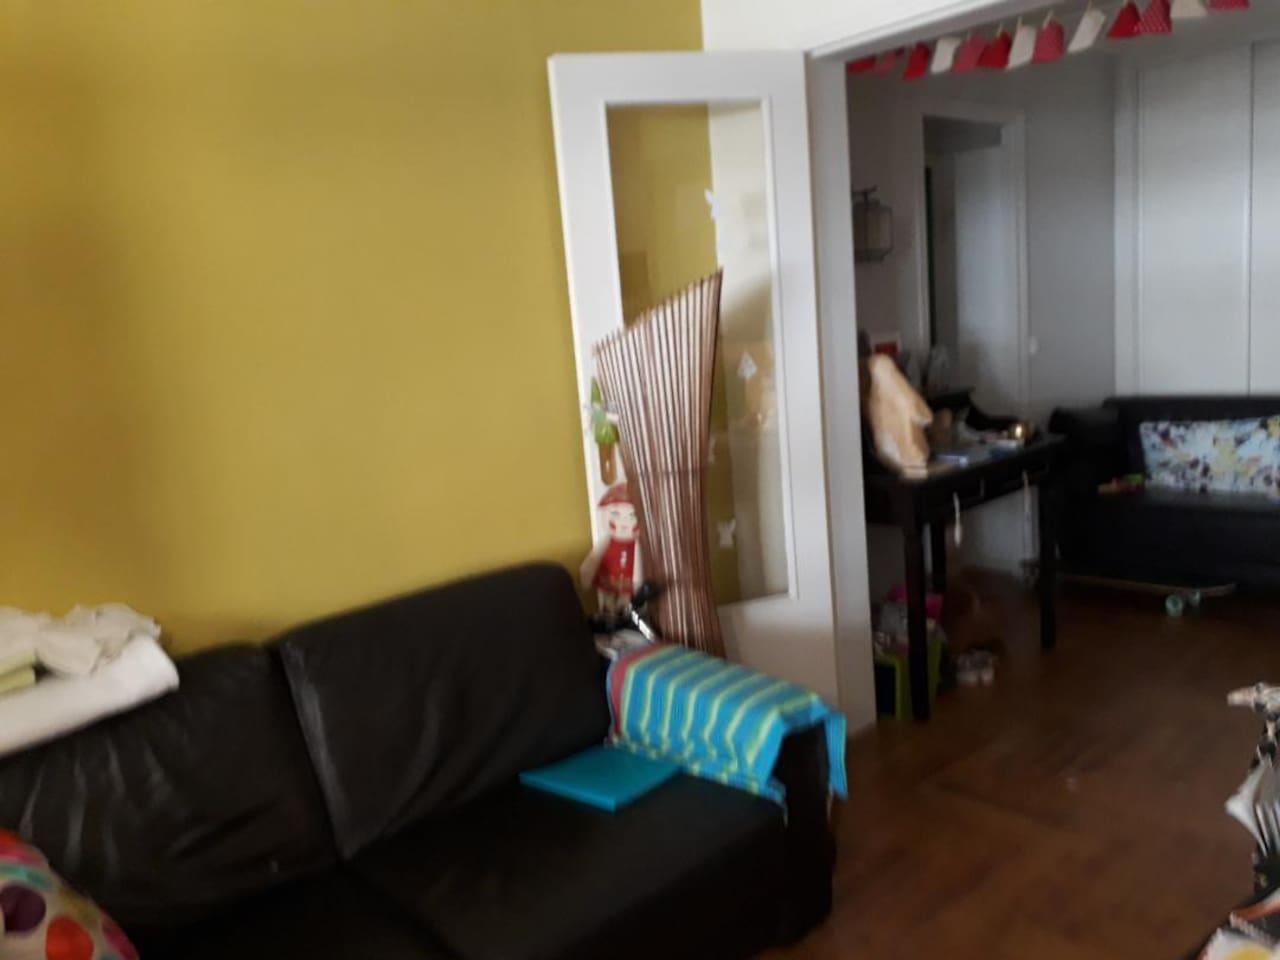 A droite, entrée de l'appartement avec canapé sur la droite.